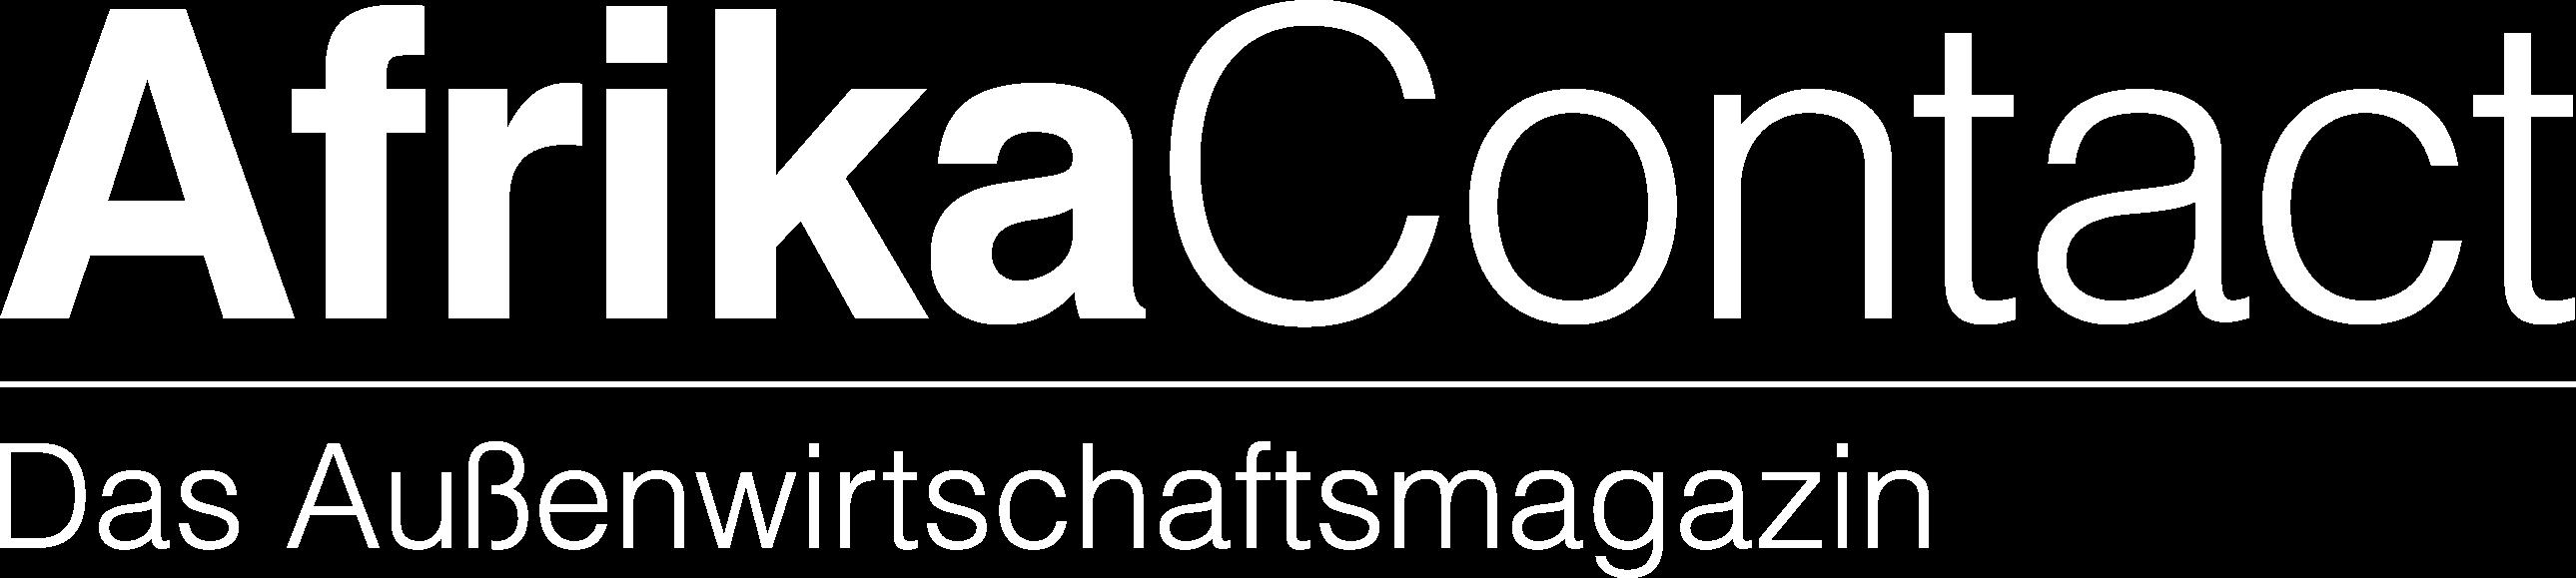 https://owc.de/wp-content/uploads/2020/11/AfrikaContact-Logo_Weiss.png